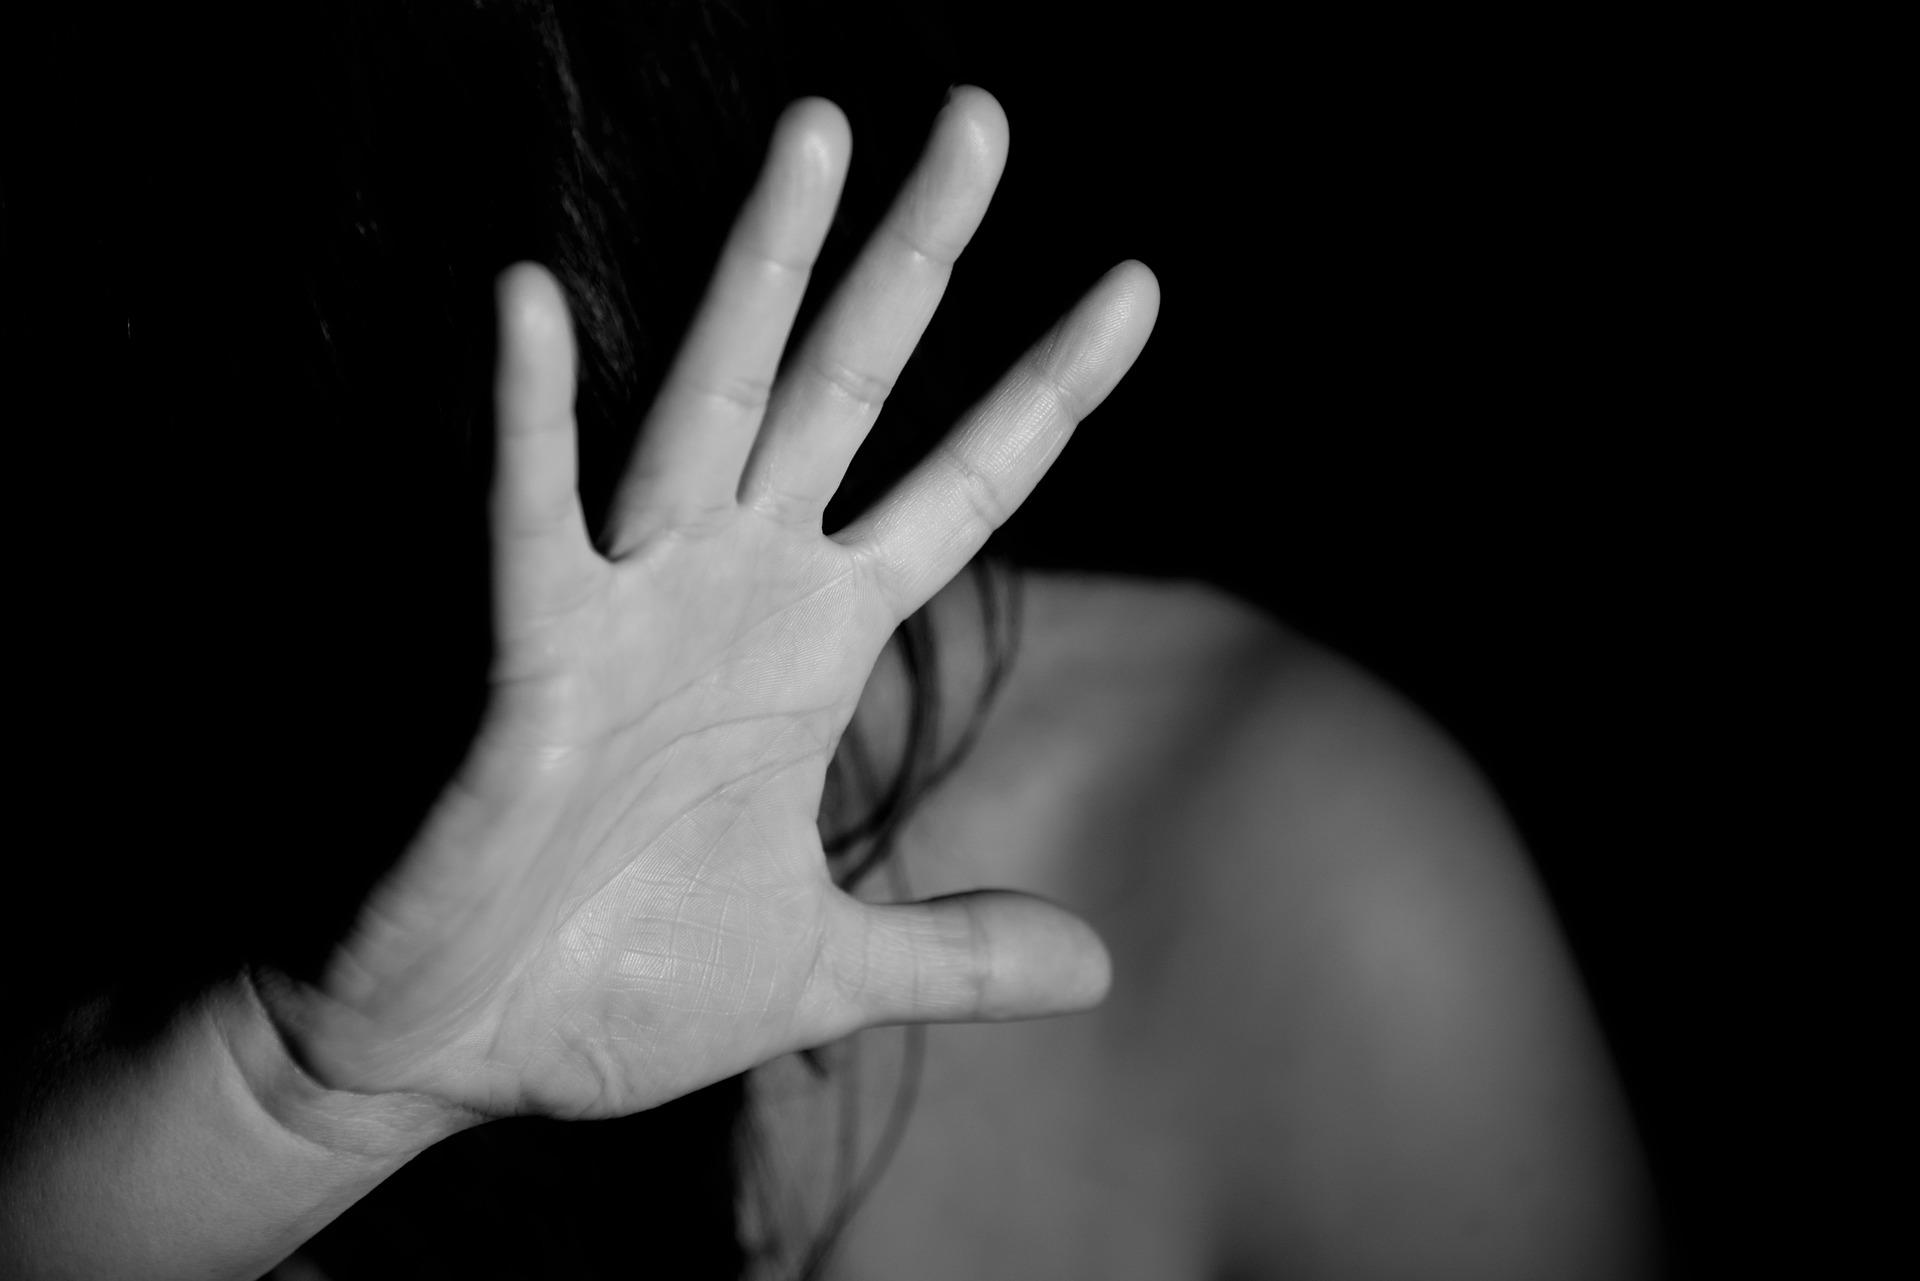 Sexual Assault on Women